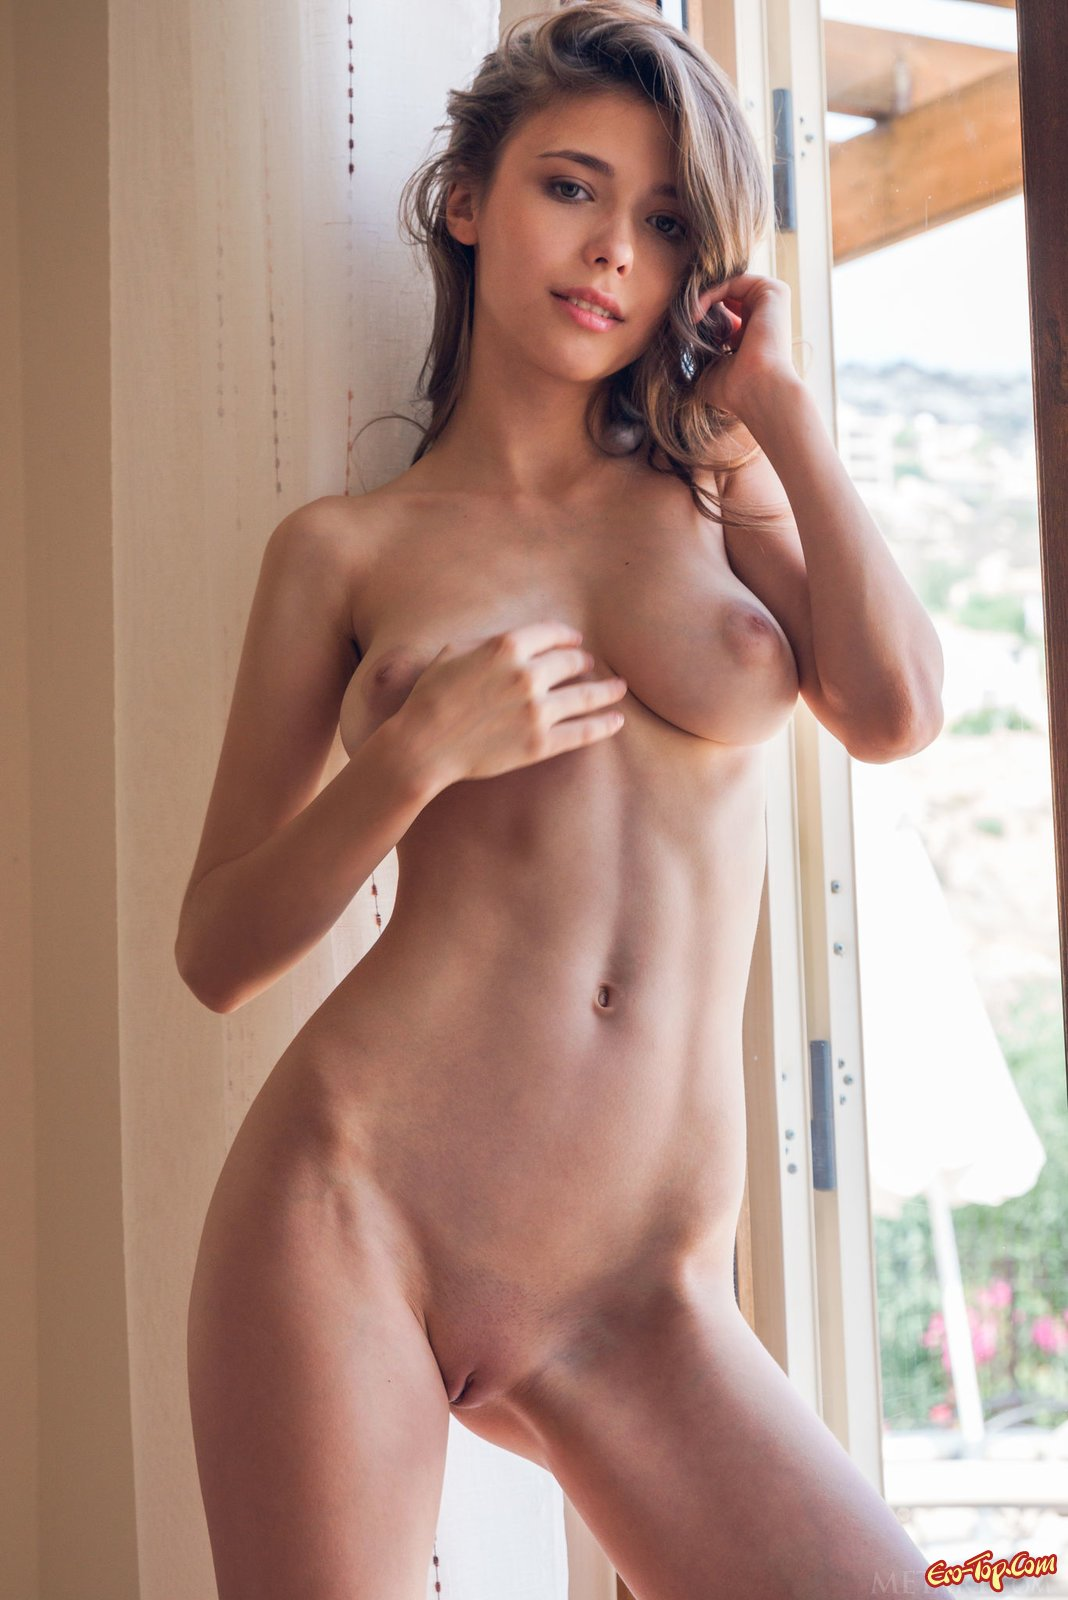 Девушка сняла нижнее белье показав большую грудь